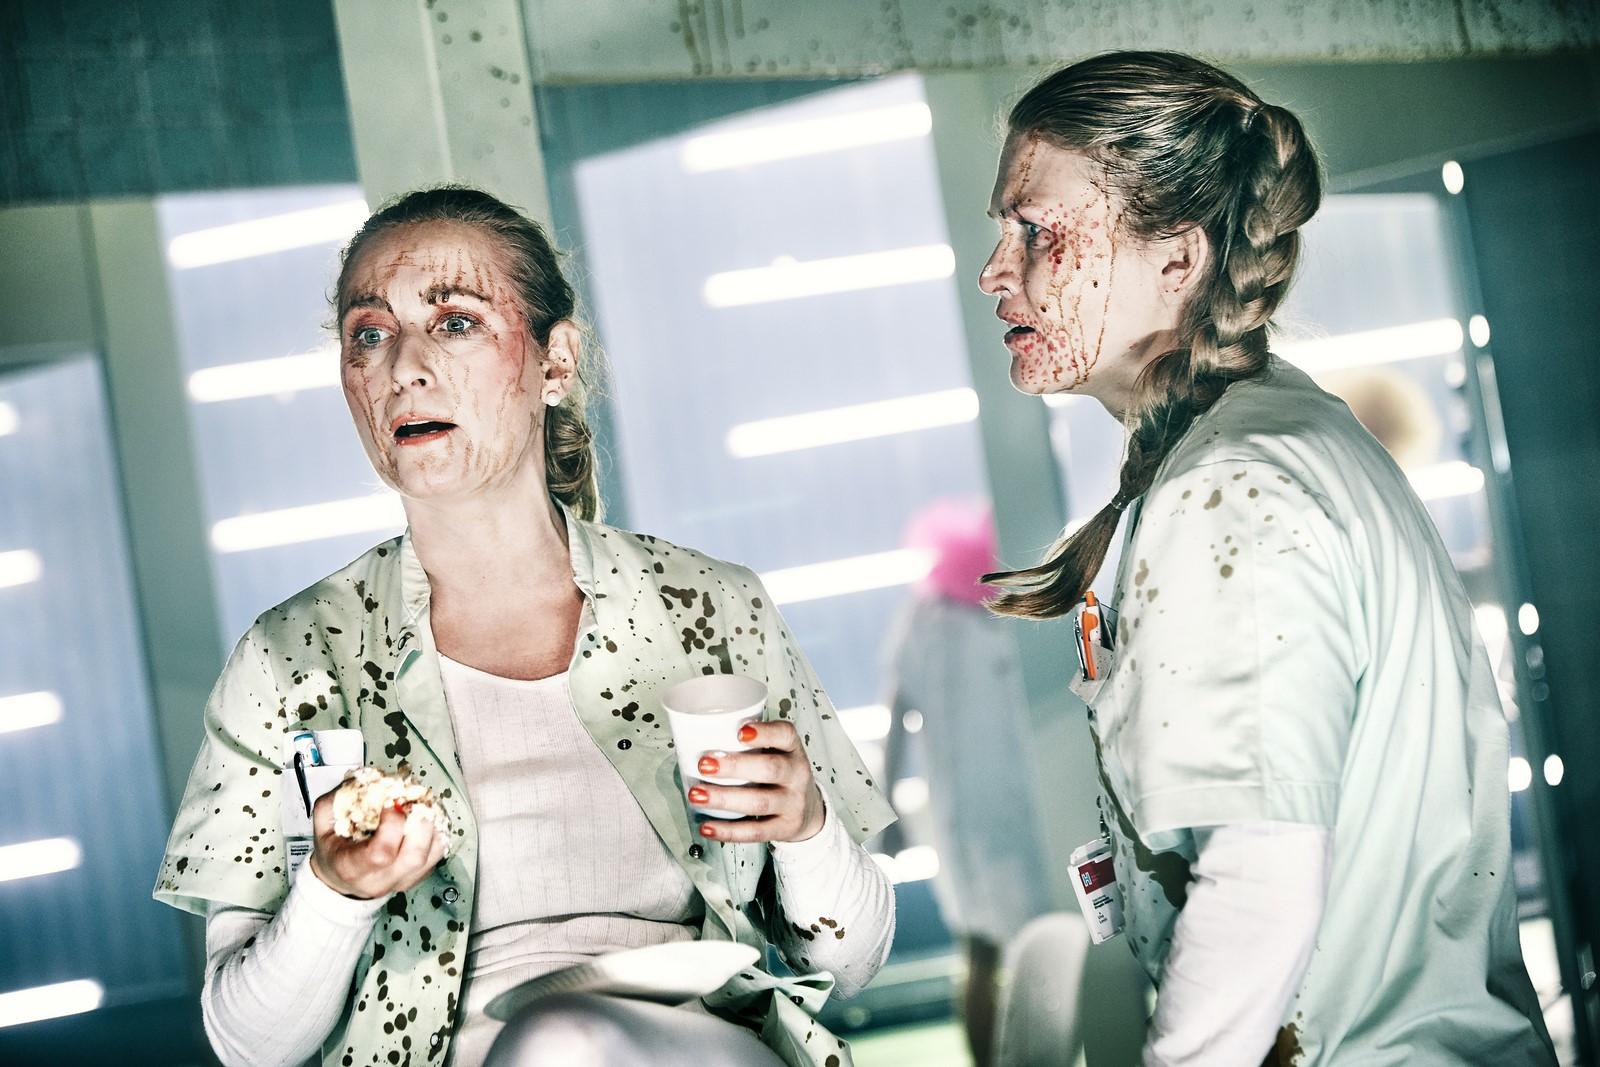 Anmeldelse: Hospitalet, Aarhus Teater (Aarhus Teater og Sort/Hvid)